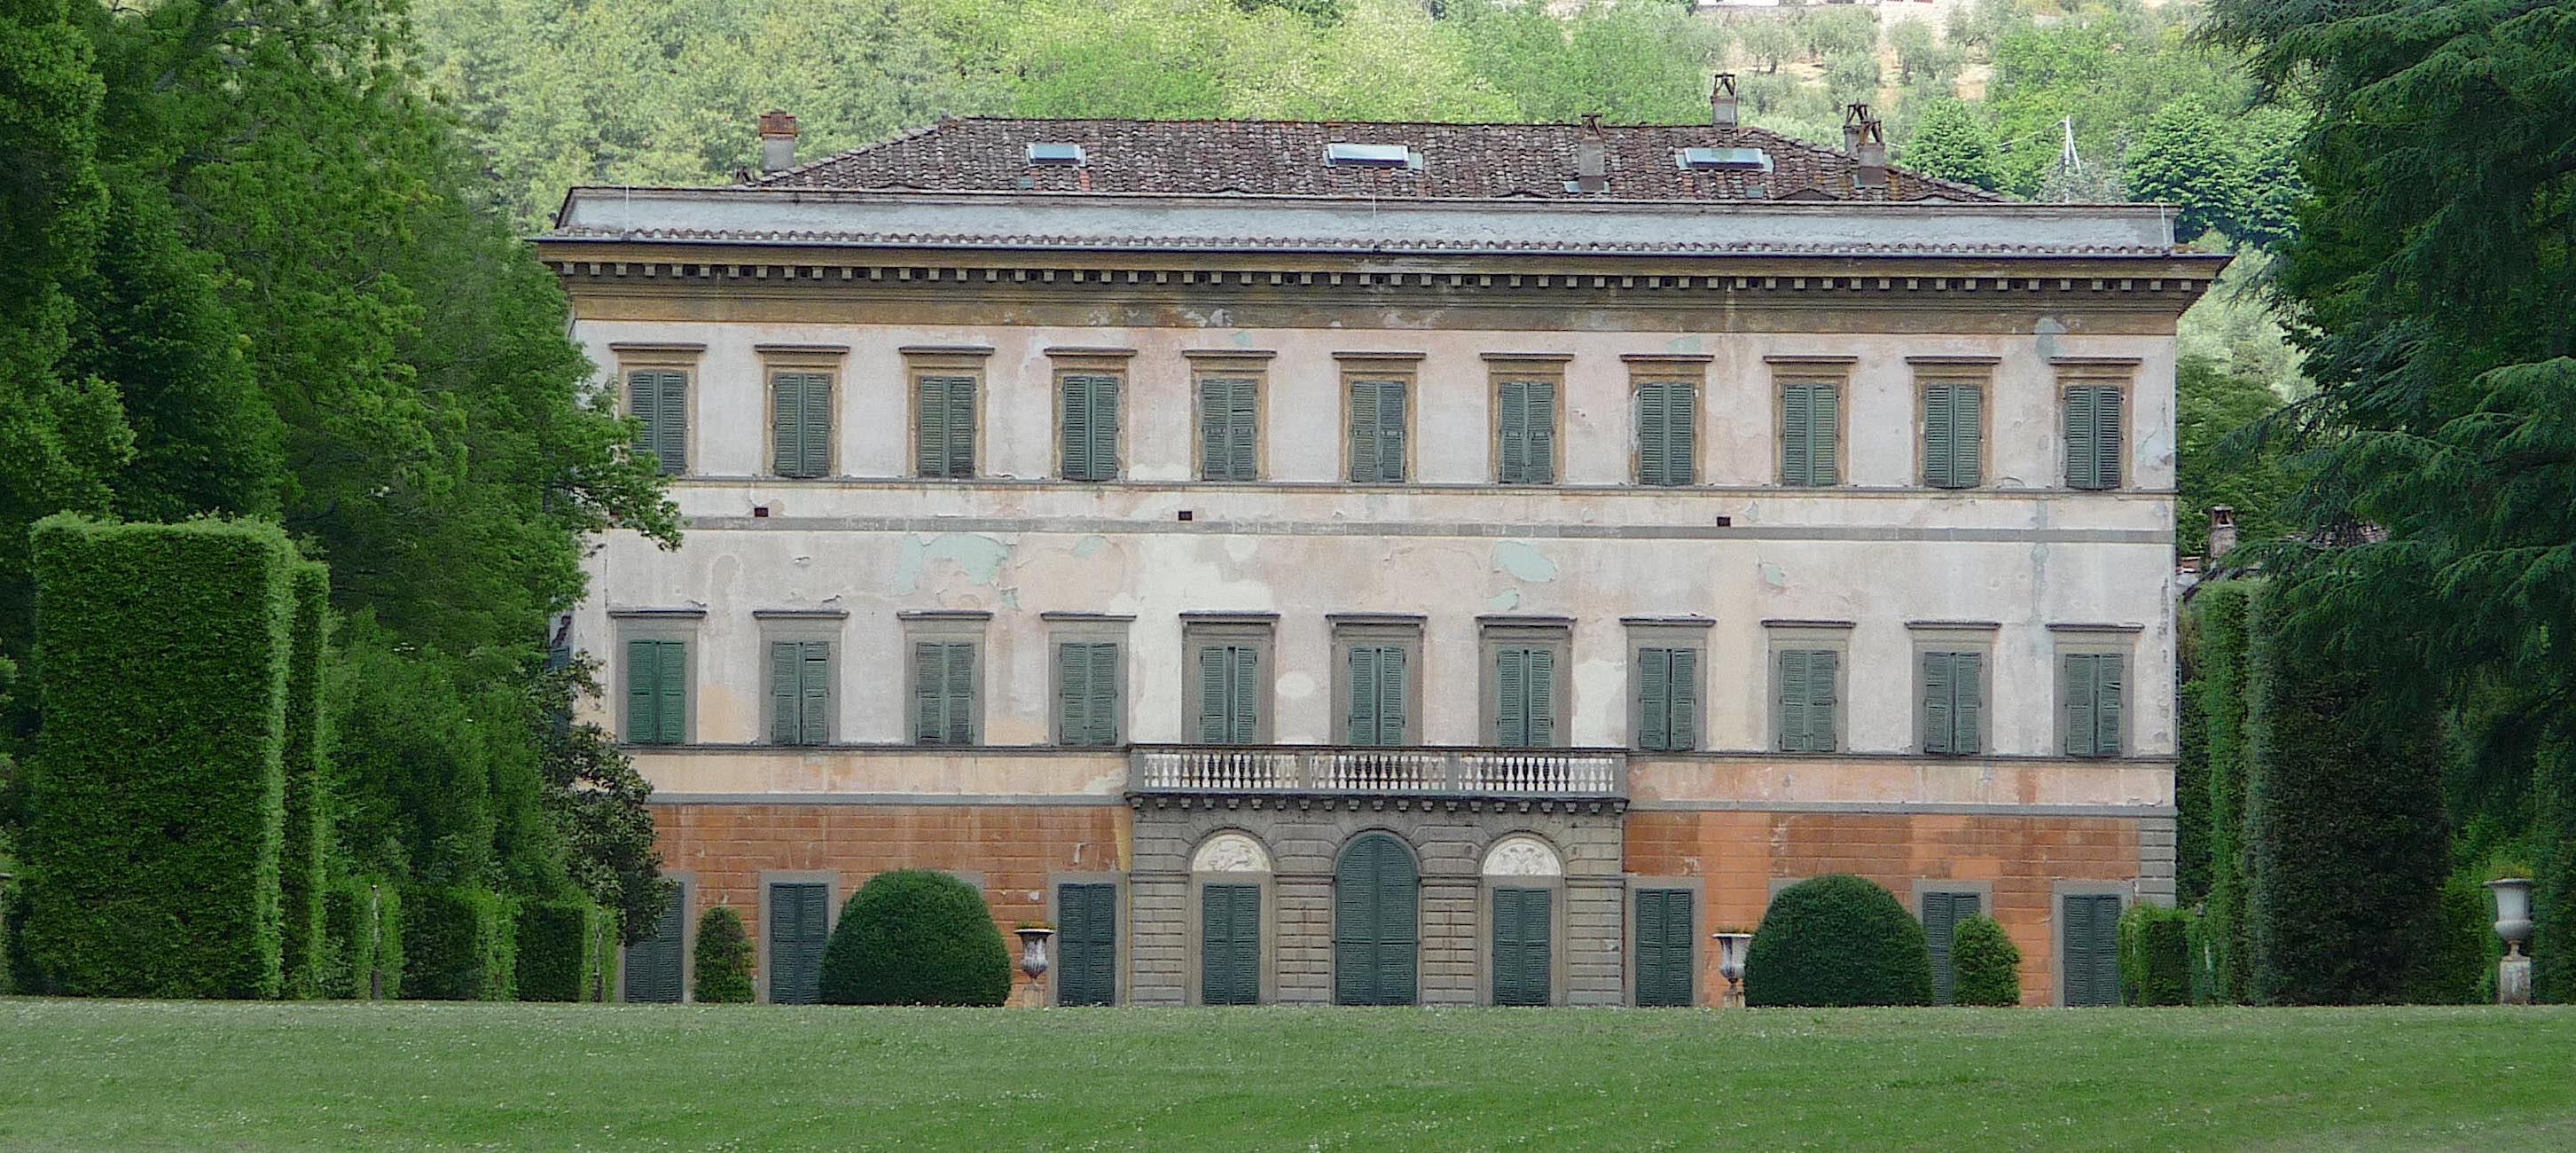 3.Villa Reale